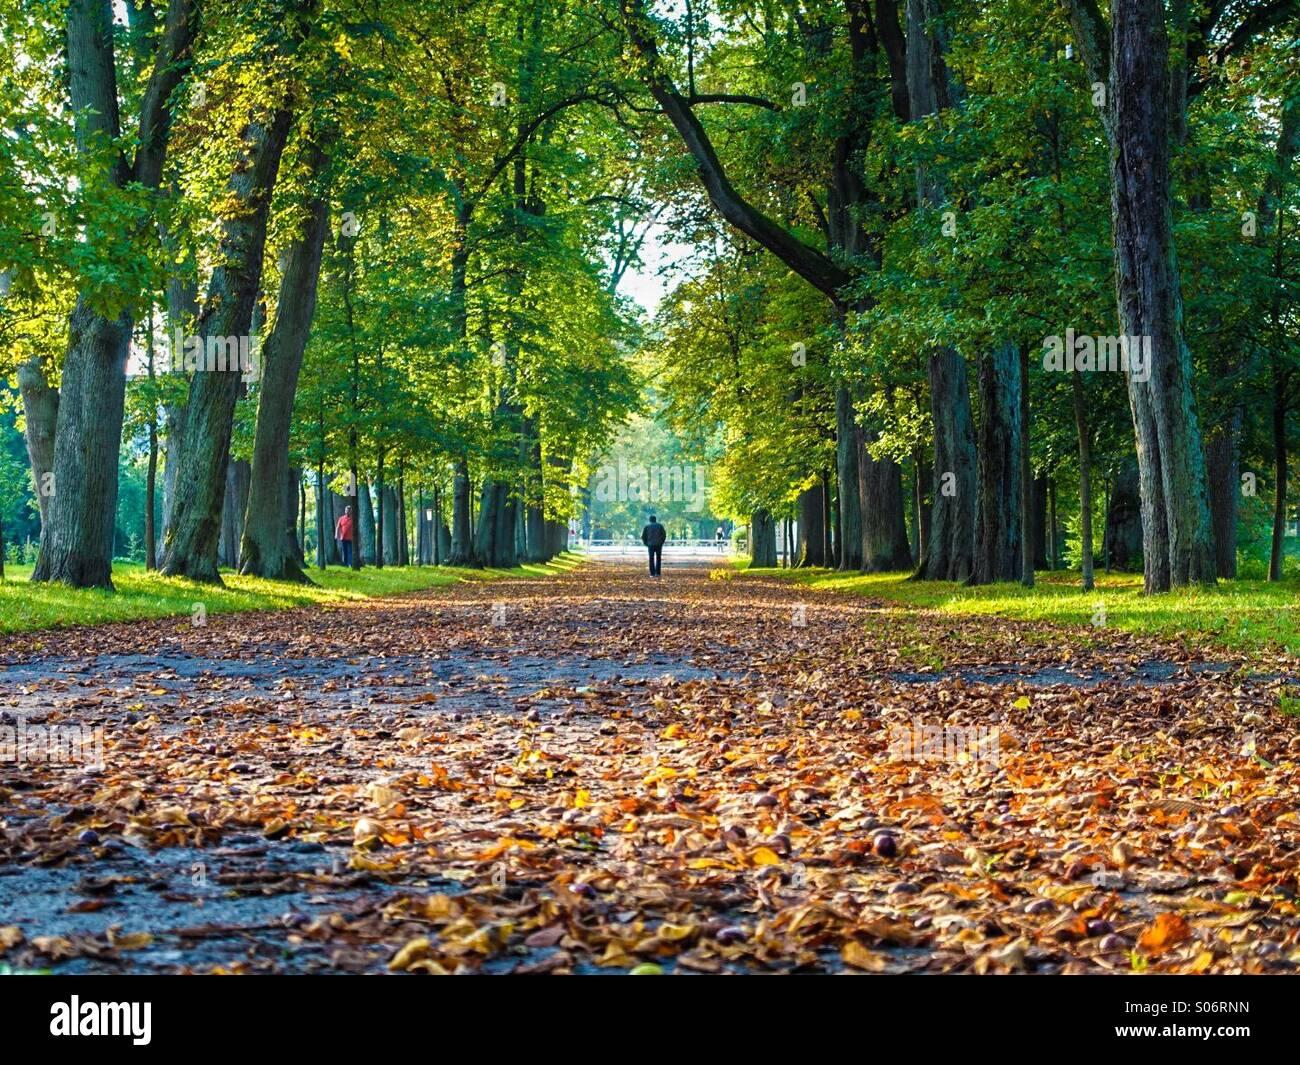 Couleurs d'automne en Allemagne,Gräflicher Park, Bad Driburg, Allemagne Photo Stock